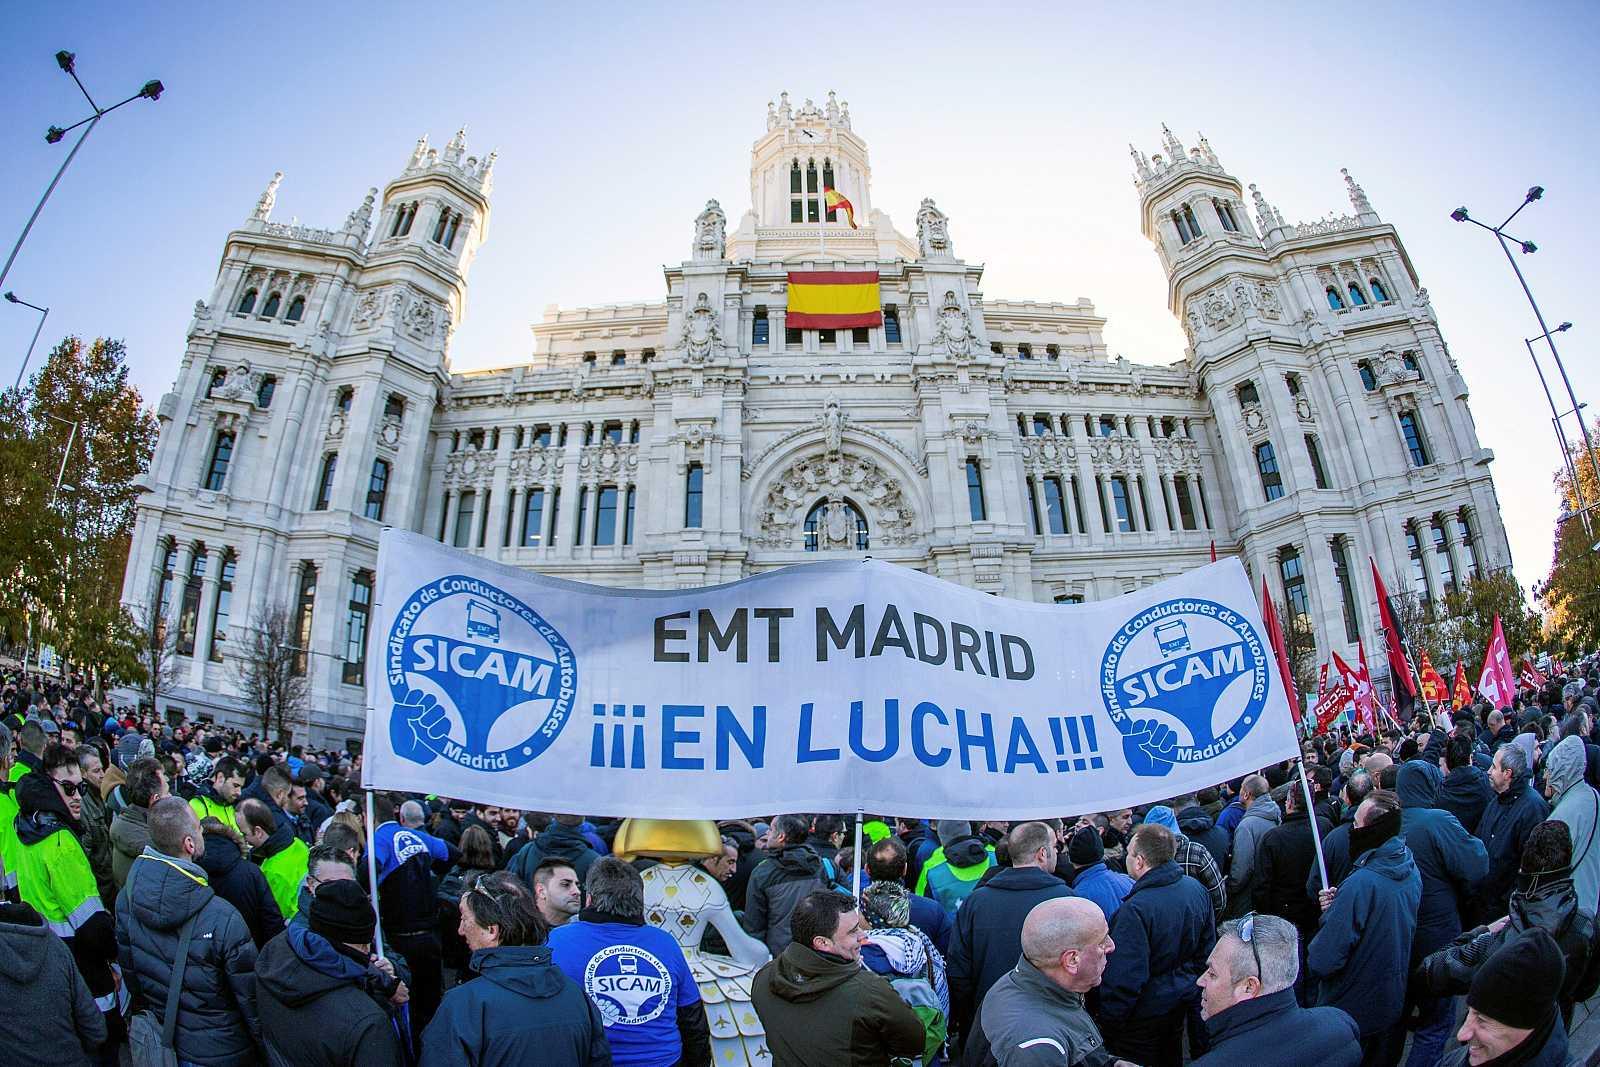 Vista de la concentración de empleados de la EMT delante del Ayuntamiento de Madrid, durante la jornada de huelga de 24 horas convocada para este martes